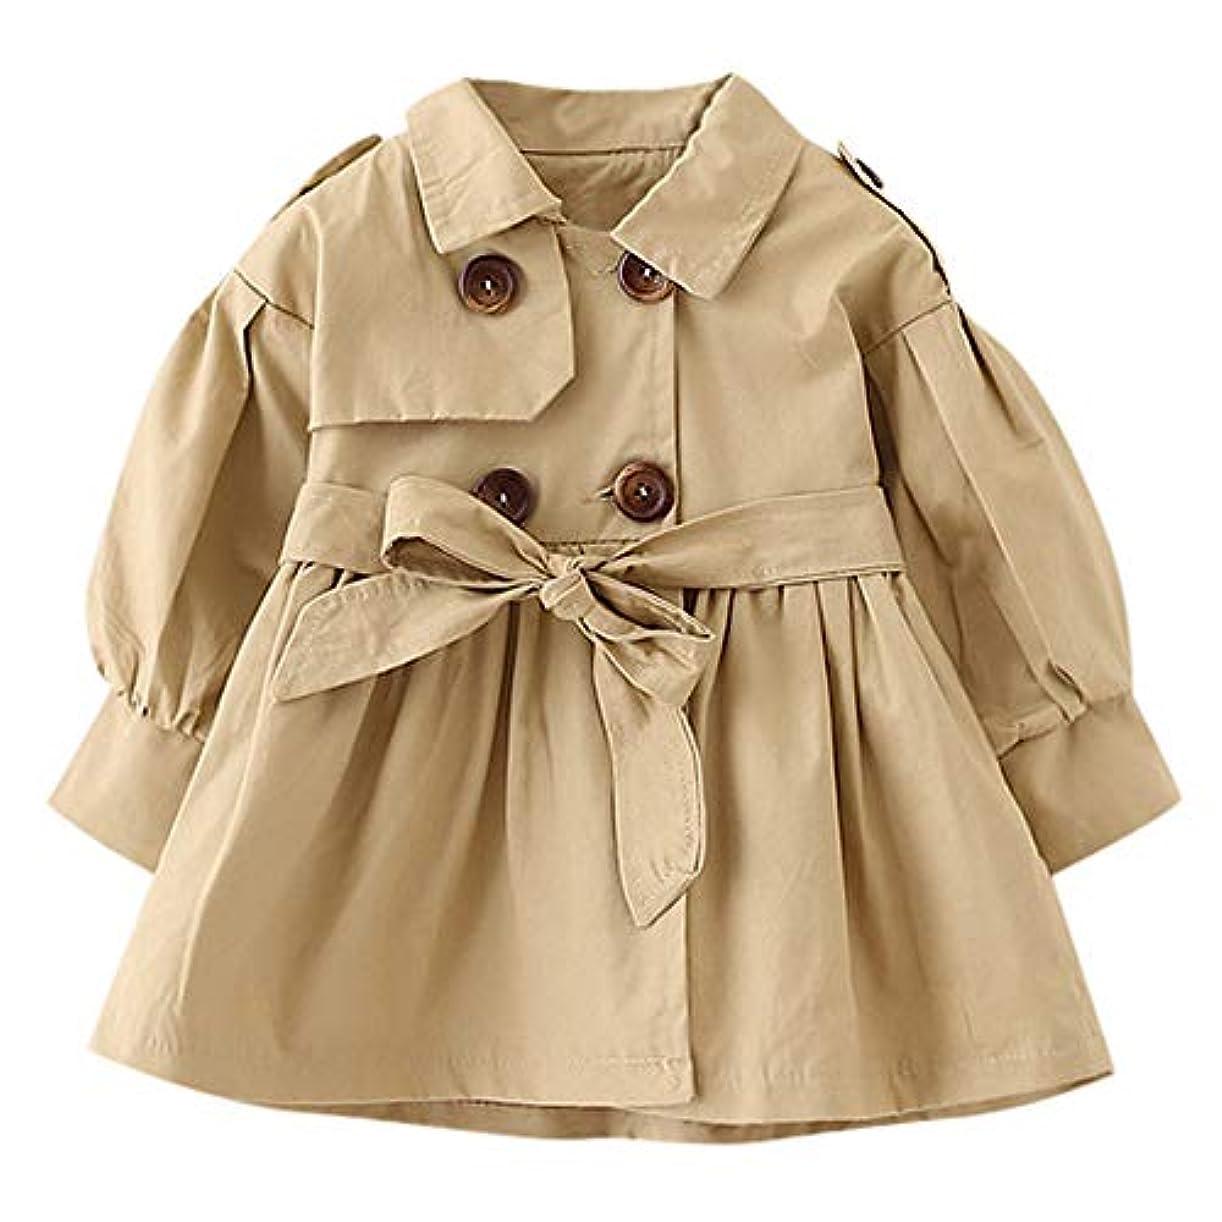 闇名誉あるテメリティ子供服 キッズ Yochyan 子供 女の子 ベビー服 ロングスリーブ コート ベルト ウィンドコート コートスカート トップス ファッション 無地 可愛い 柔らかい おしゃれ キュート カジュアル ウインドブレーカー